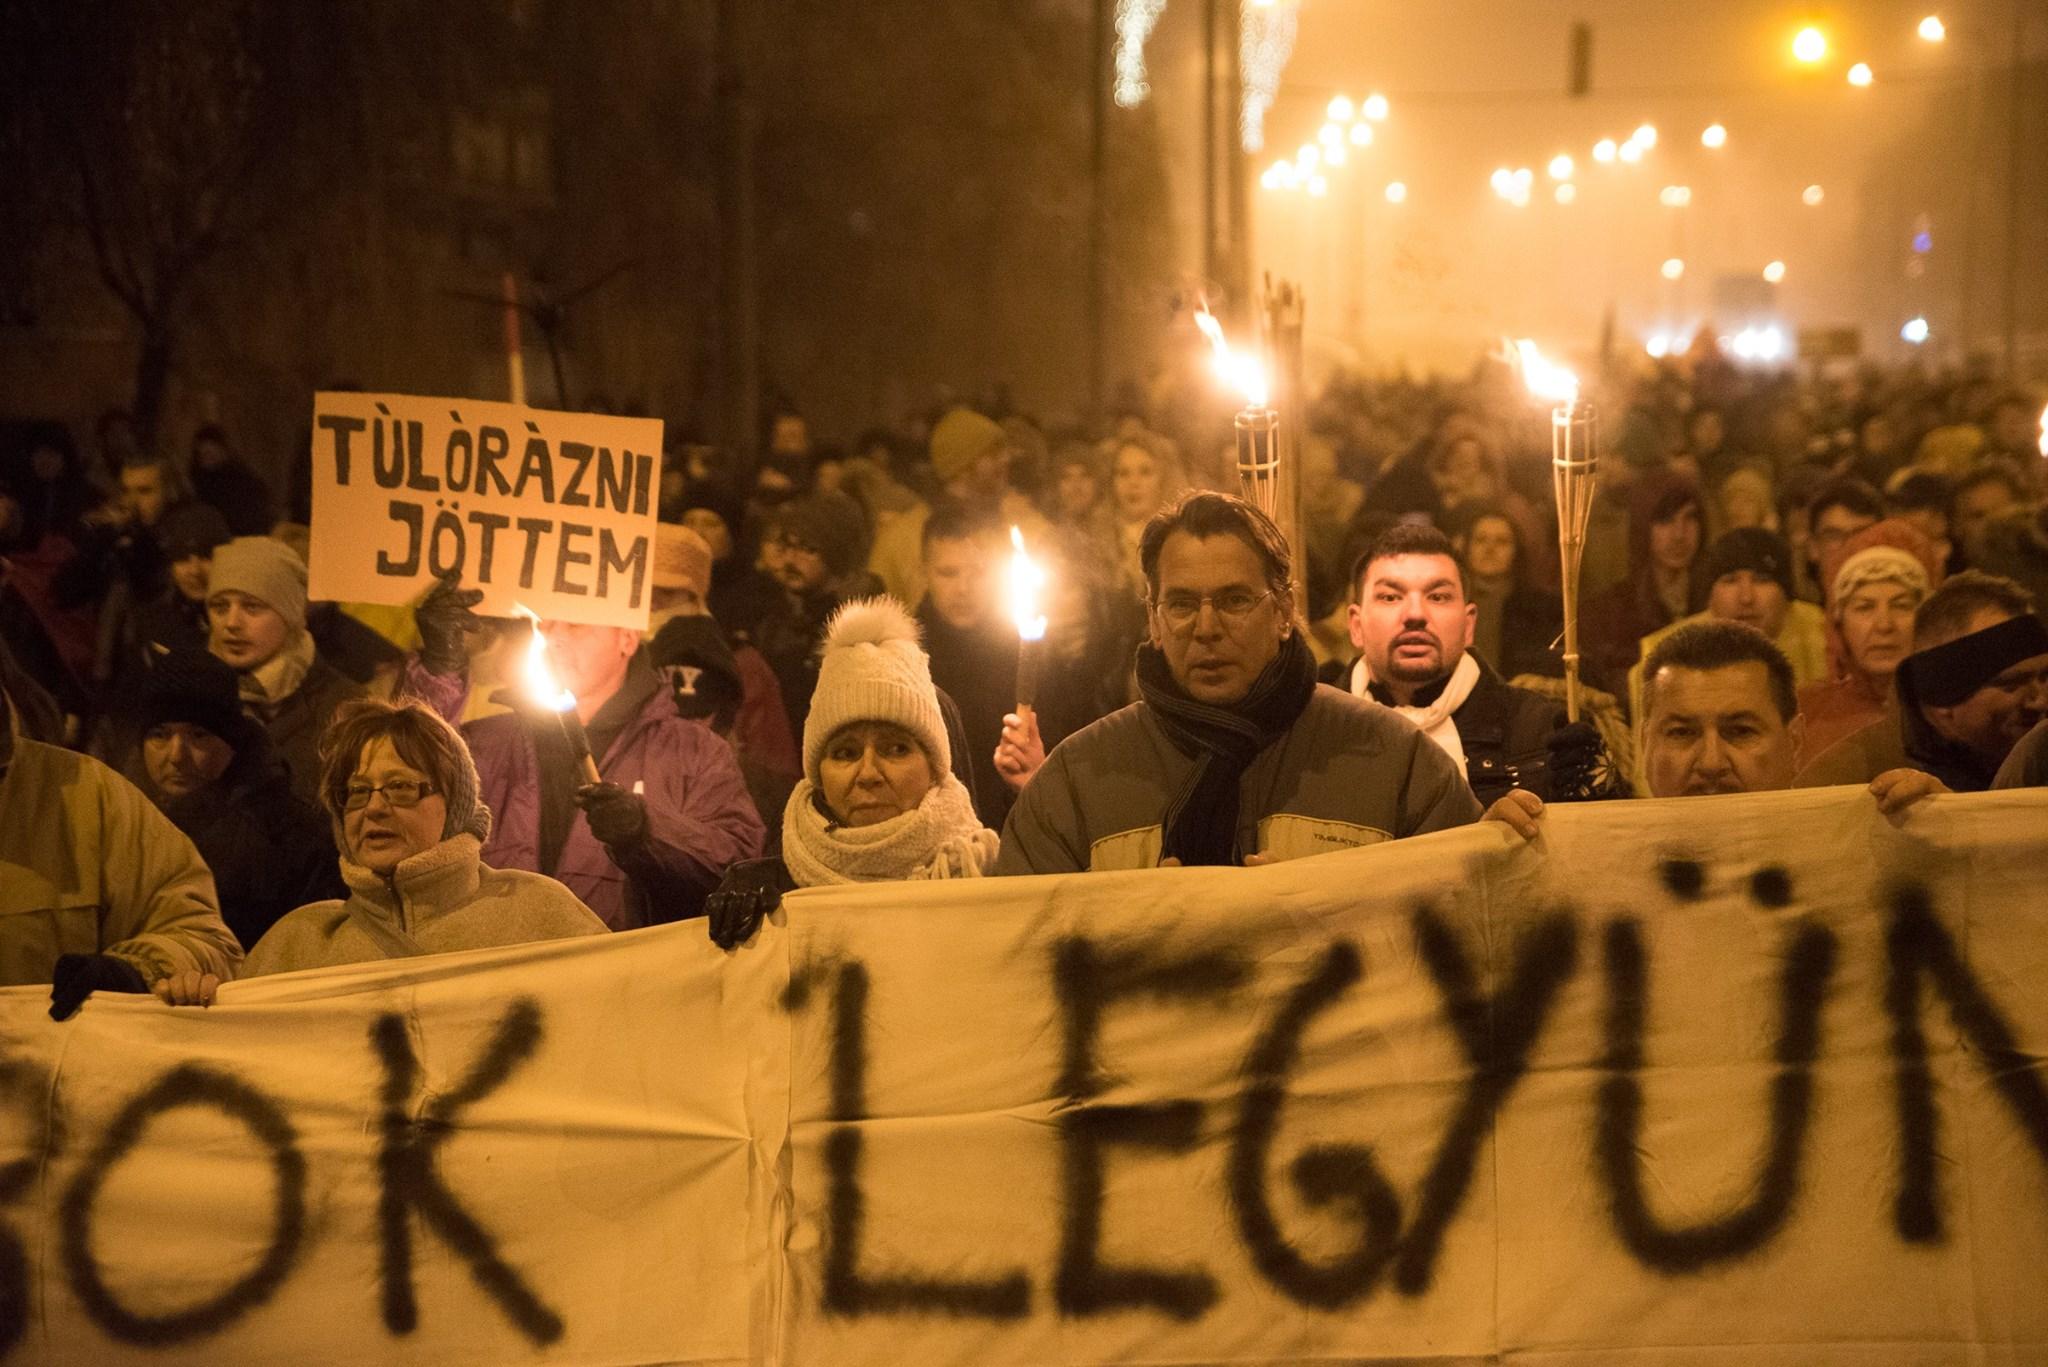 A Jobbikban már azon gondolkoznak, hogyan működjenek együtt a többi párttal az önkormányzati választáson